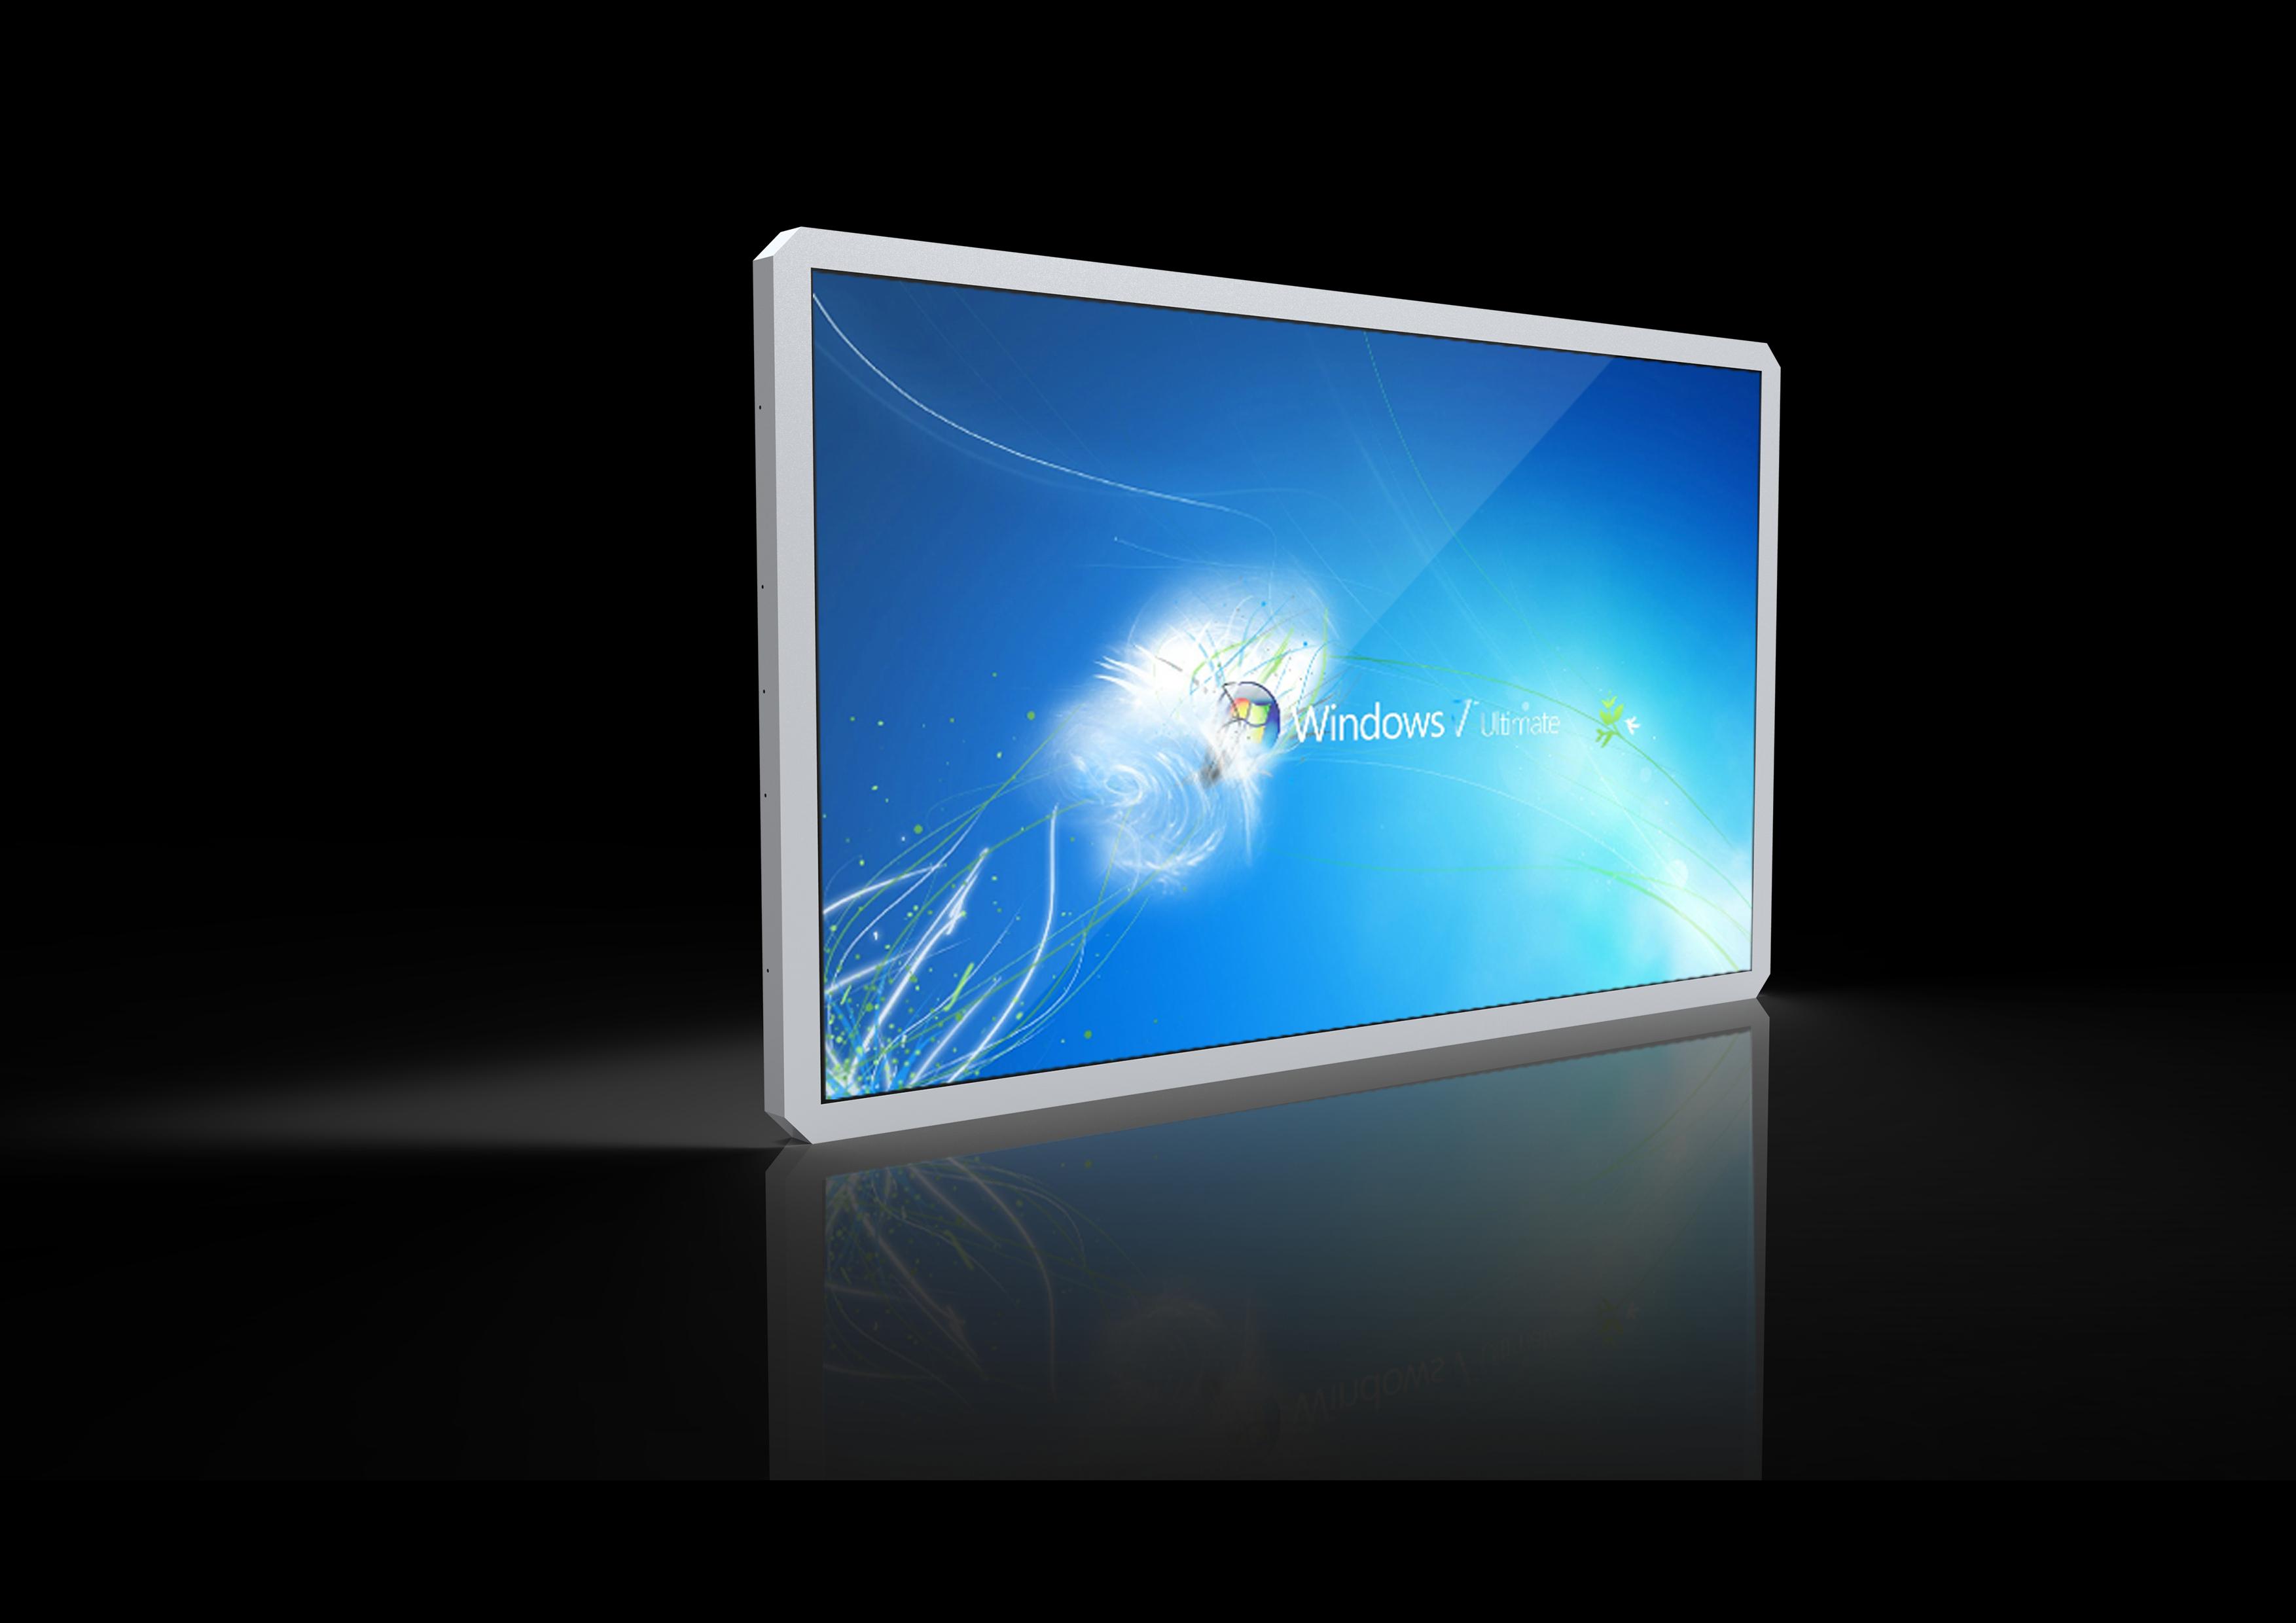 42寸高亮液晶显示屏